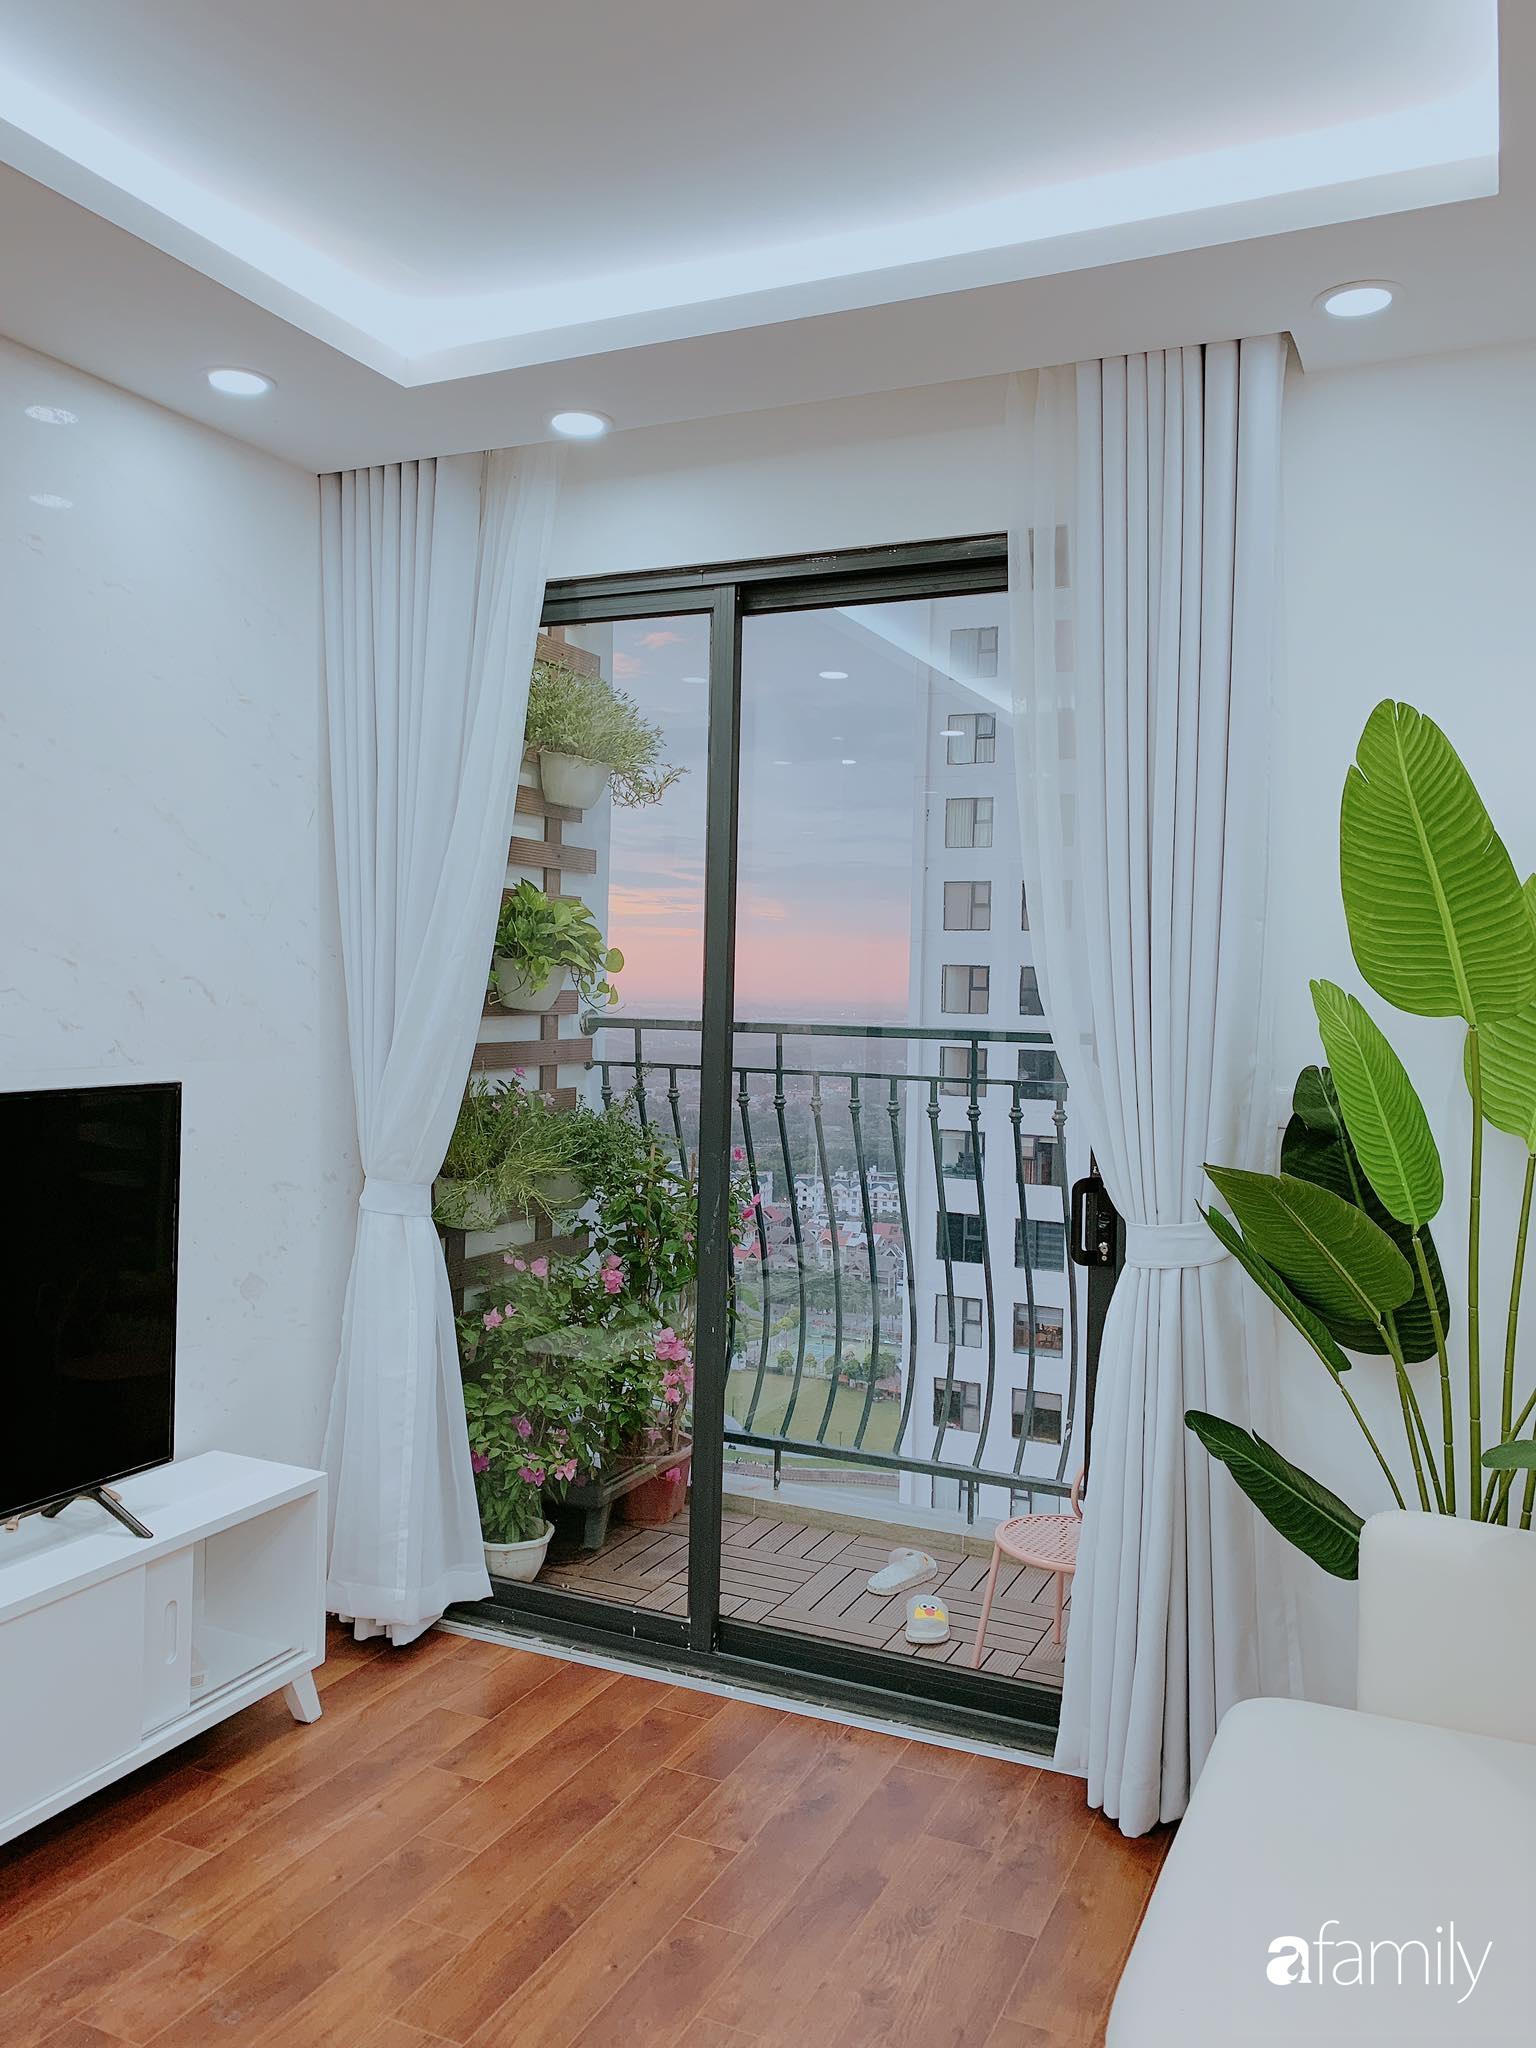 Căn hộ 90m² như được nhân đôi không gian nhờ cách decor khéo léo với màu trắng - ghi ở Hà Nội - Ảnh 1.